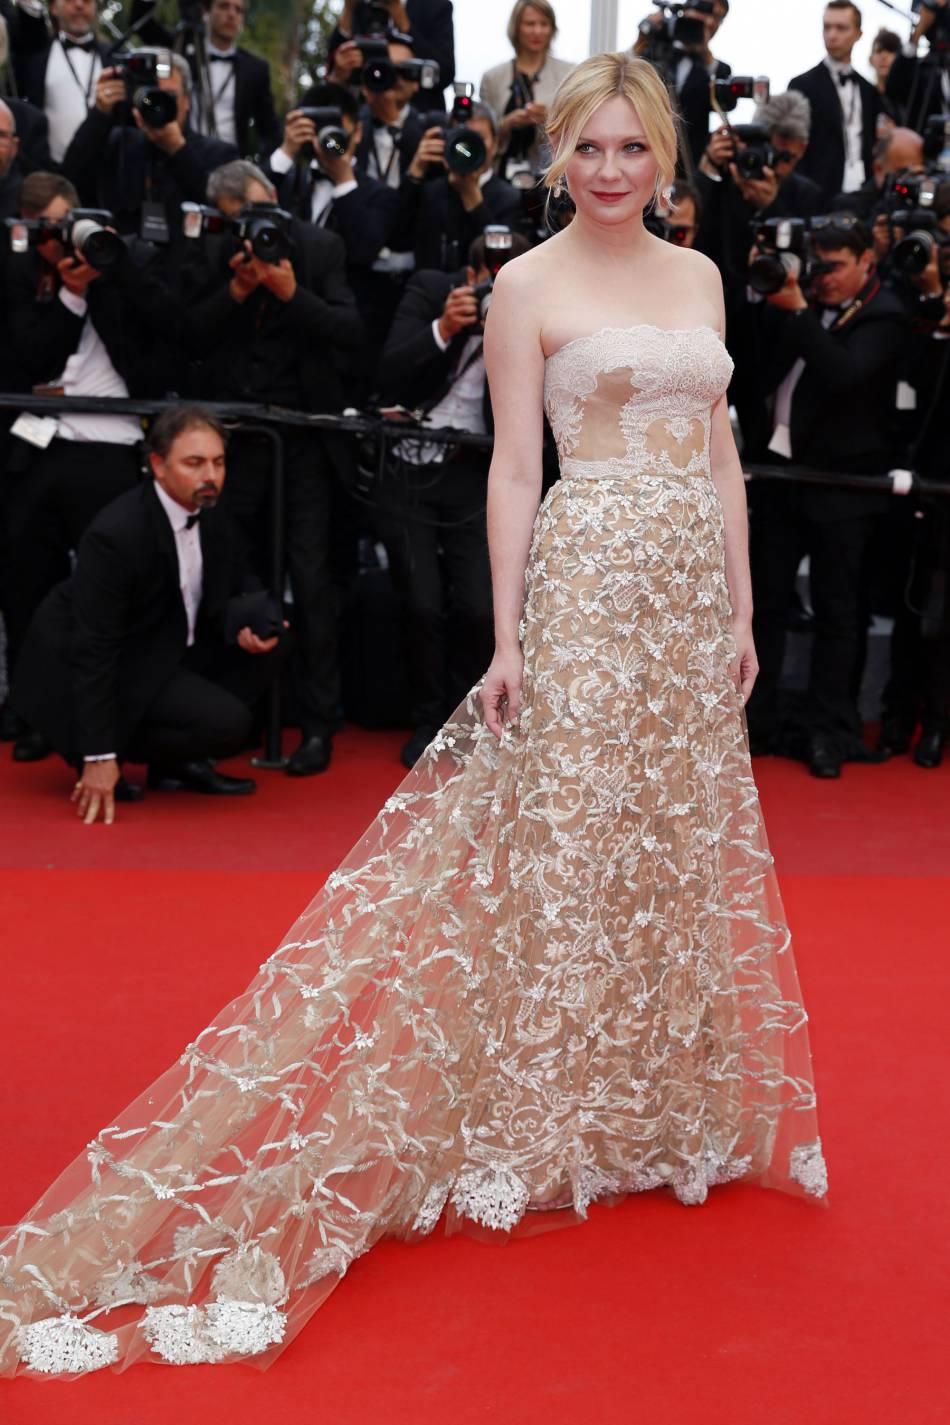 Kirsten Dunst, juré ravissant en robe champagne signée Maison Valentino, pour la cérémonie de clôture du 69e Festival de Cannes.